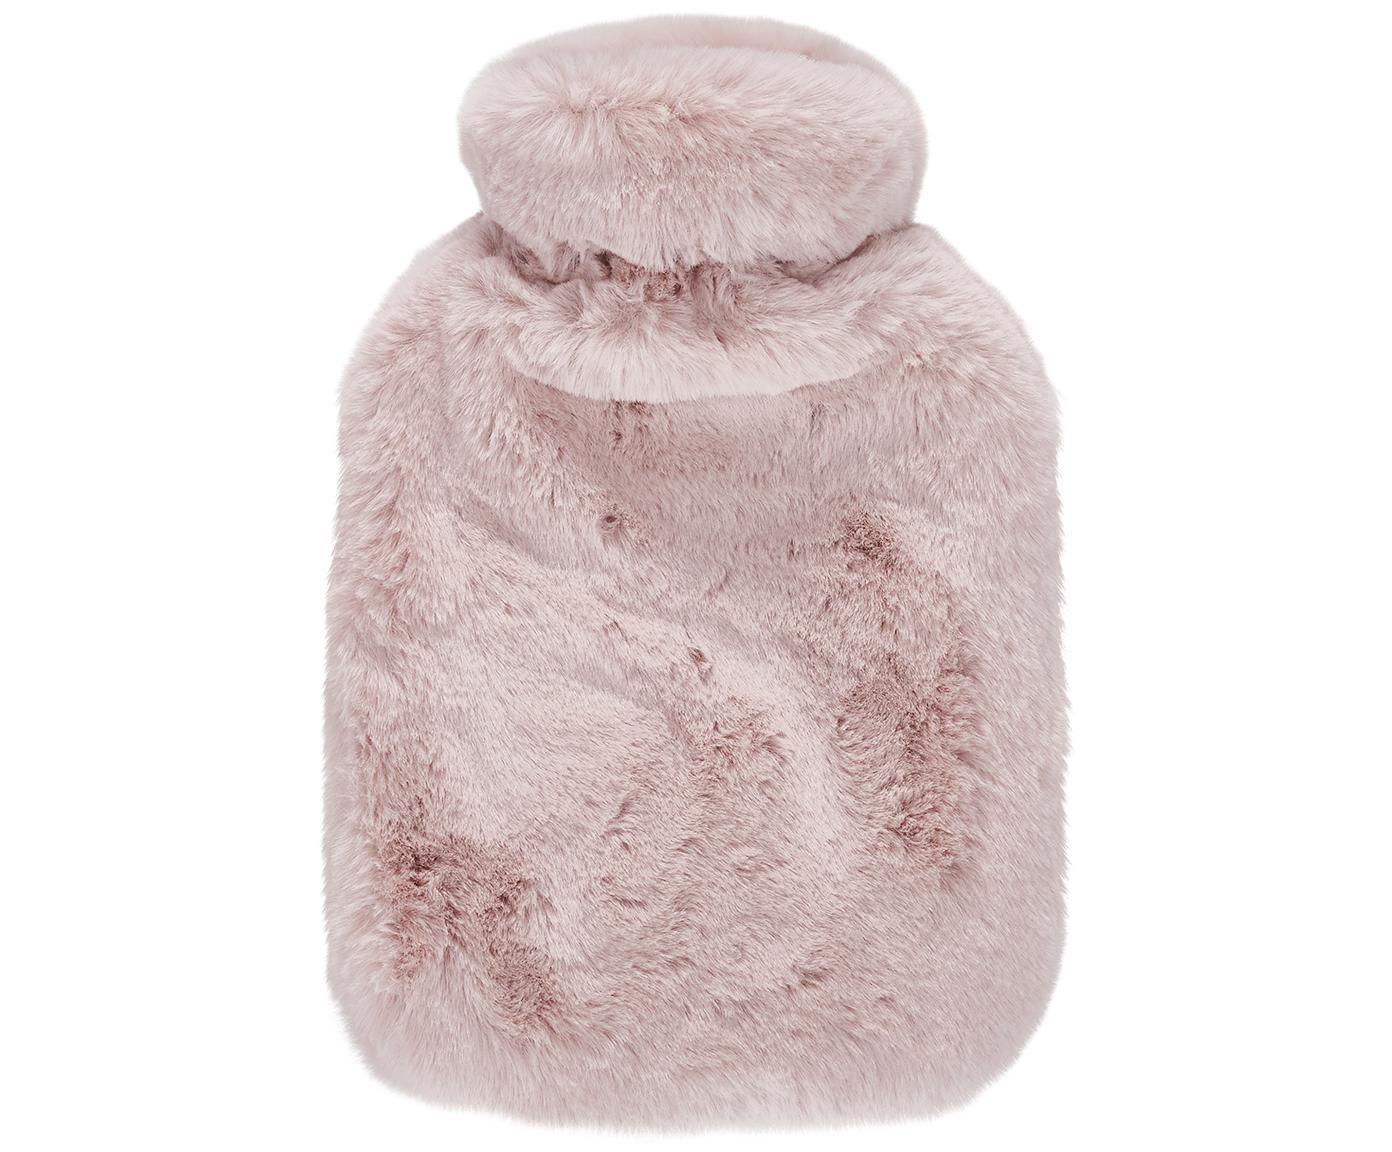 Termofor ze sztucznym futrem Mette, Tapicerka: 100% poliester, Blady różowy, S 20 x D 32 cm